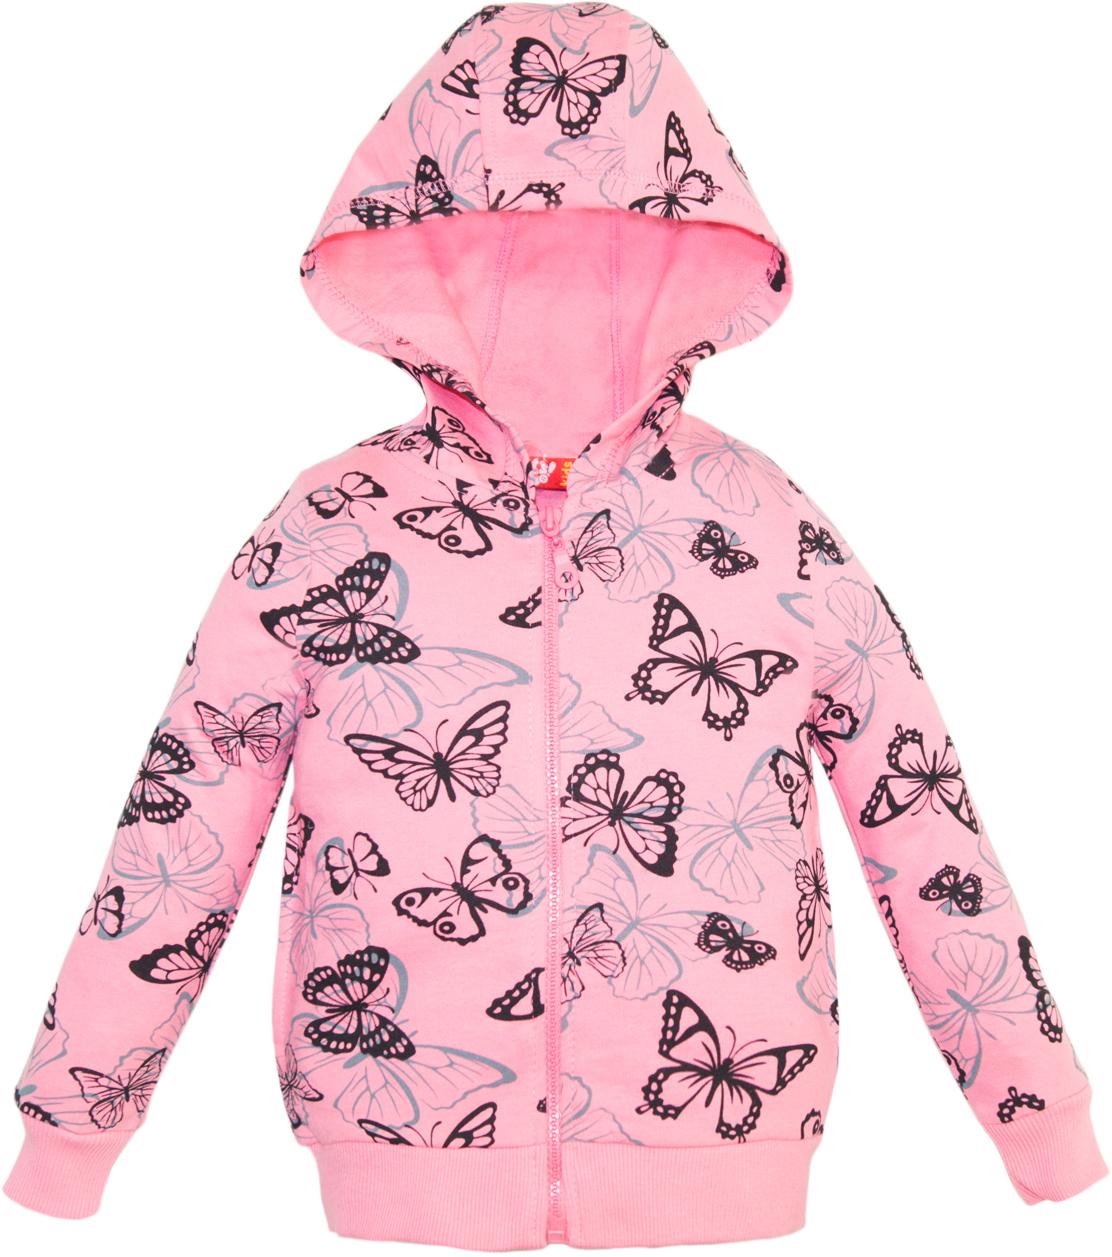 Джемпер для девочки Lets Go, цвет: нежно-розовый. 6157. Размер 746157